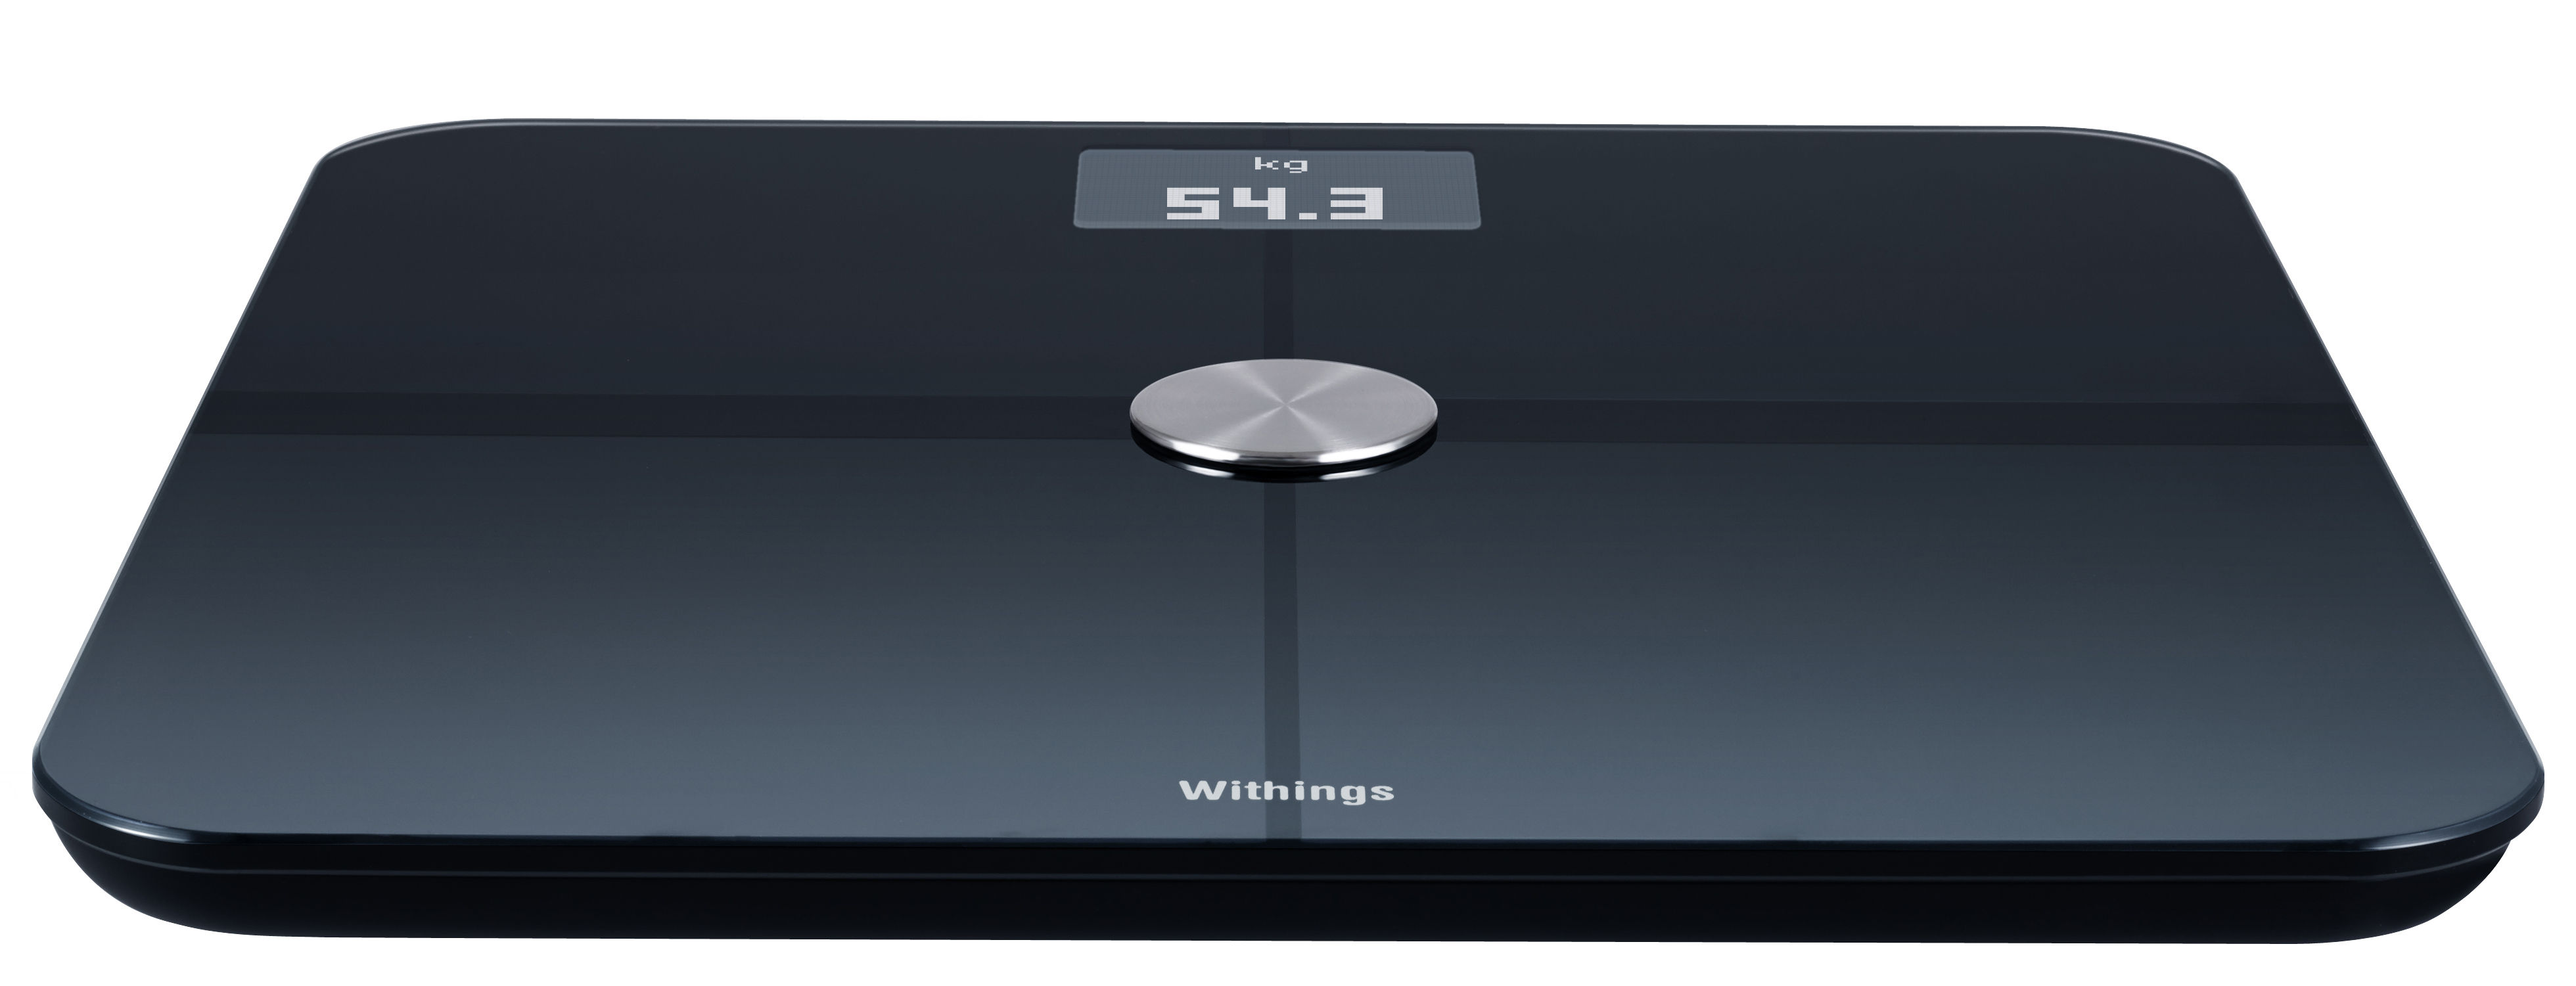 Accessoires - Accessoires salle de bains - Balance connectée Smart Body Analyser / Mesure poids, rythme cardiaque, qualité de l'air - Nokia - Noir - Acier, Polycarbonate, Verre trempé